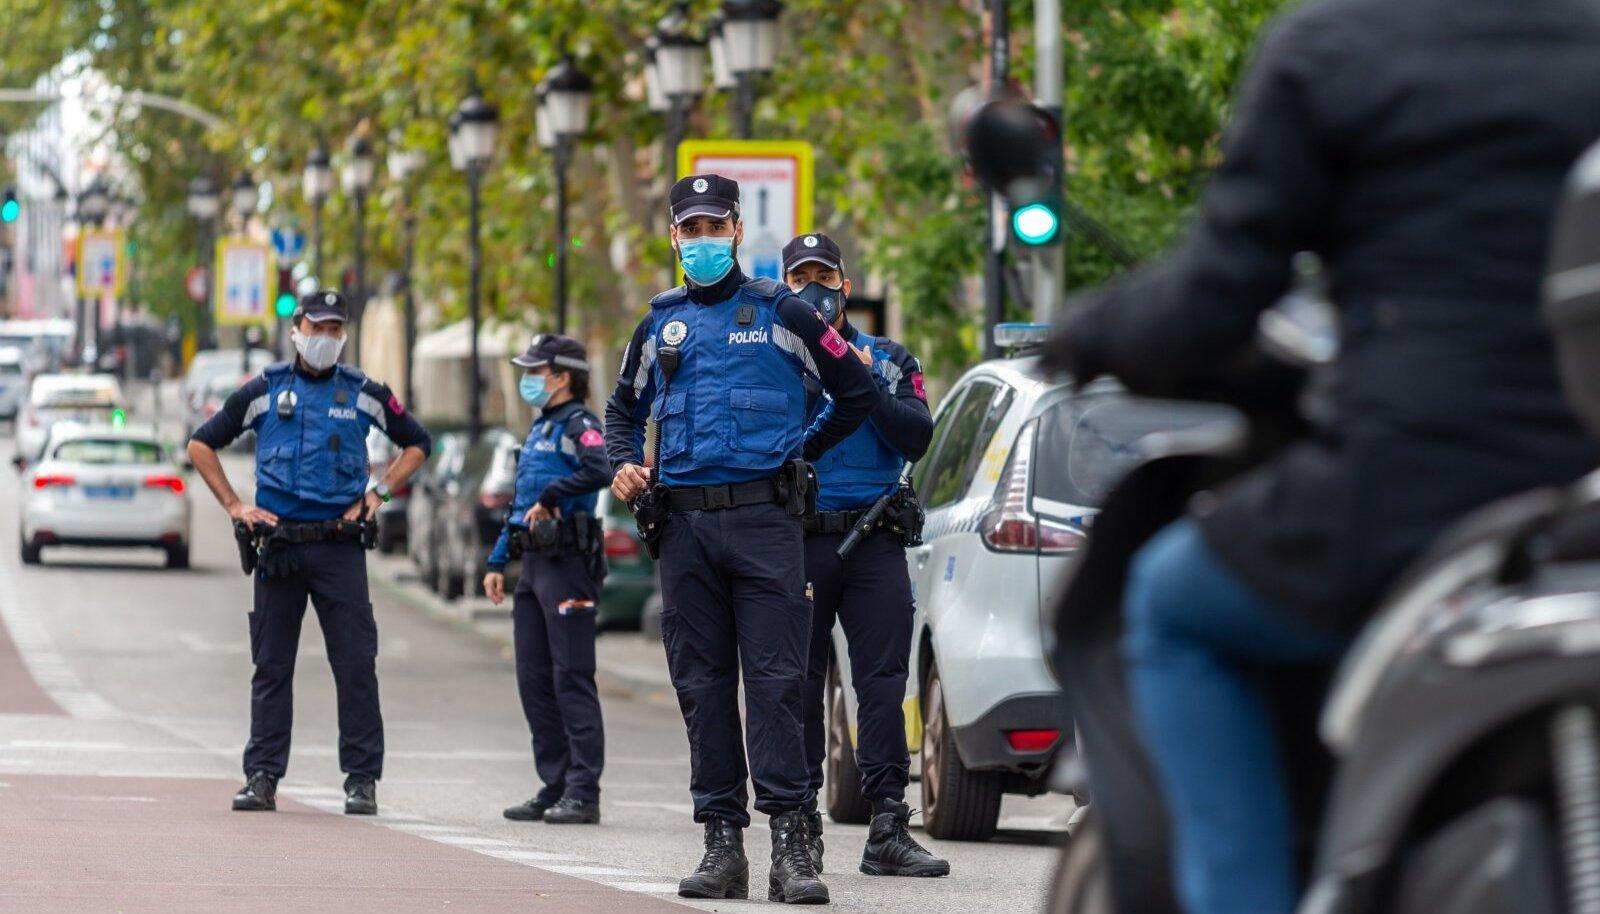 Politsei jälgib reedel Madridis kehtestatud liikumispiirangutest kinni pidamist.